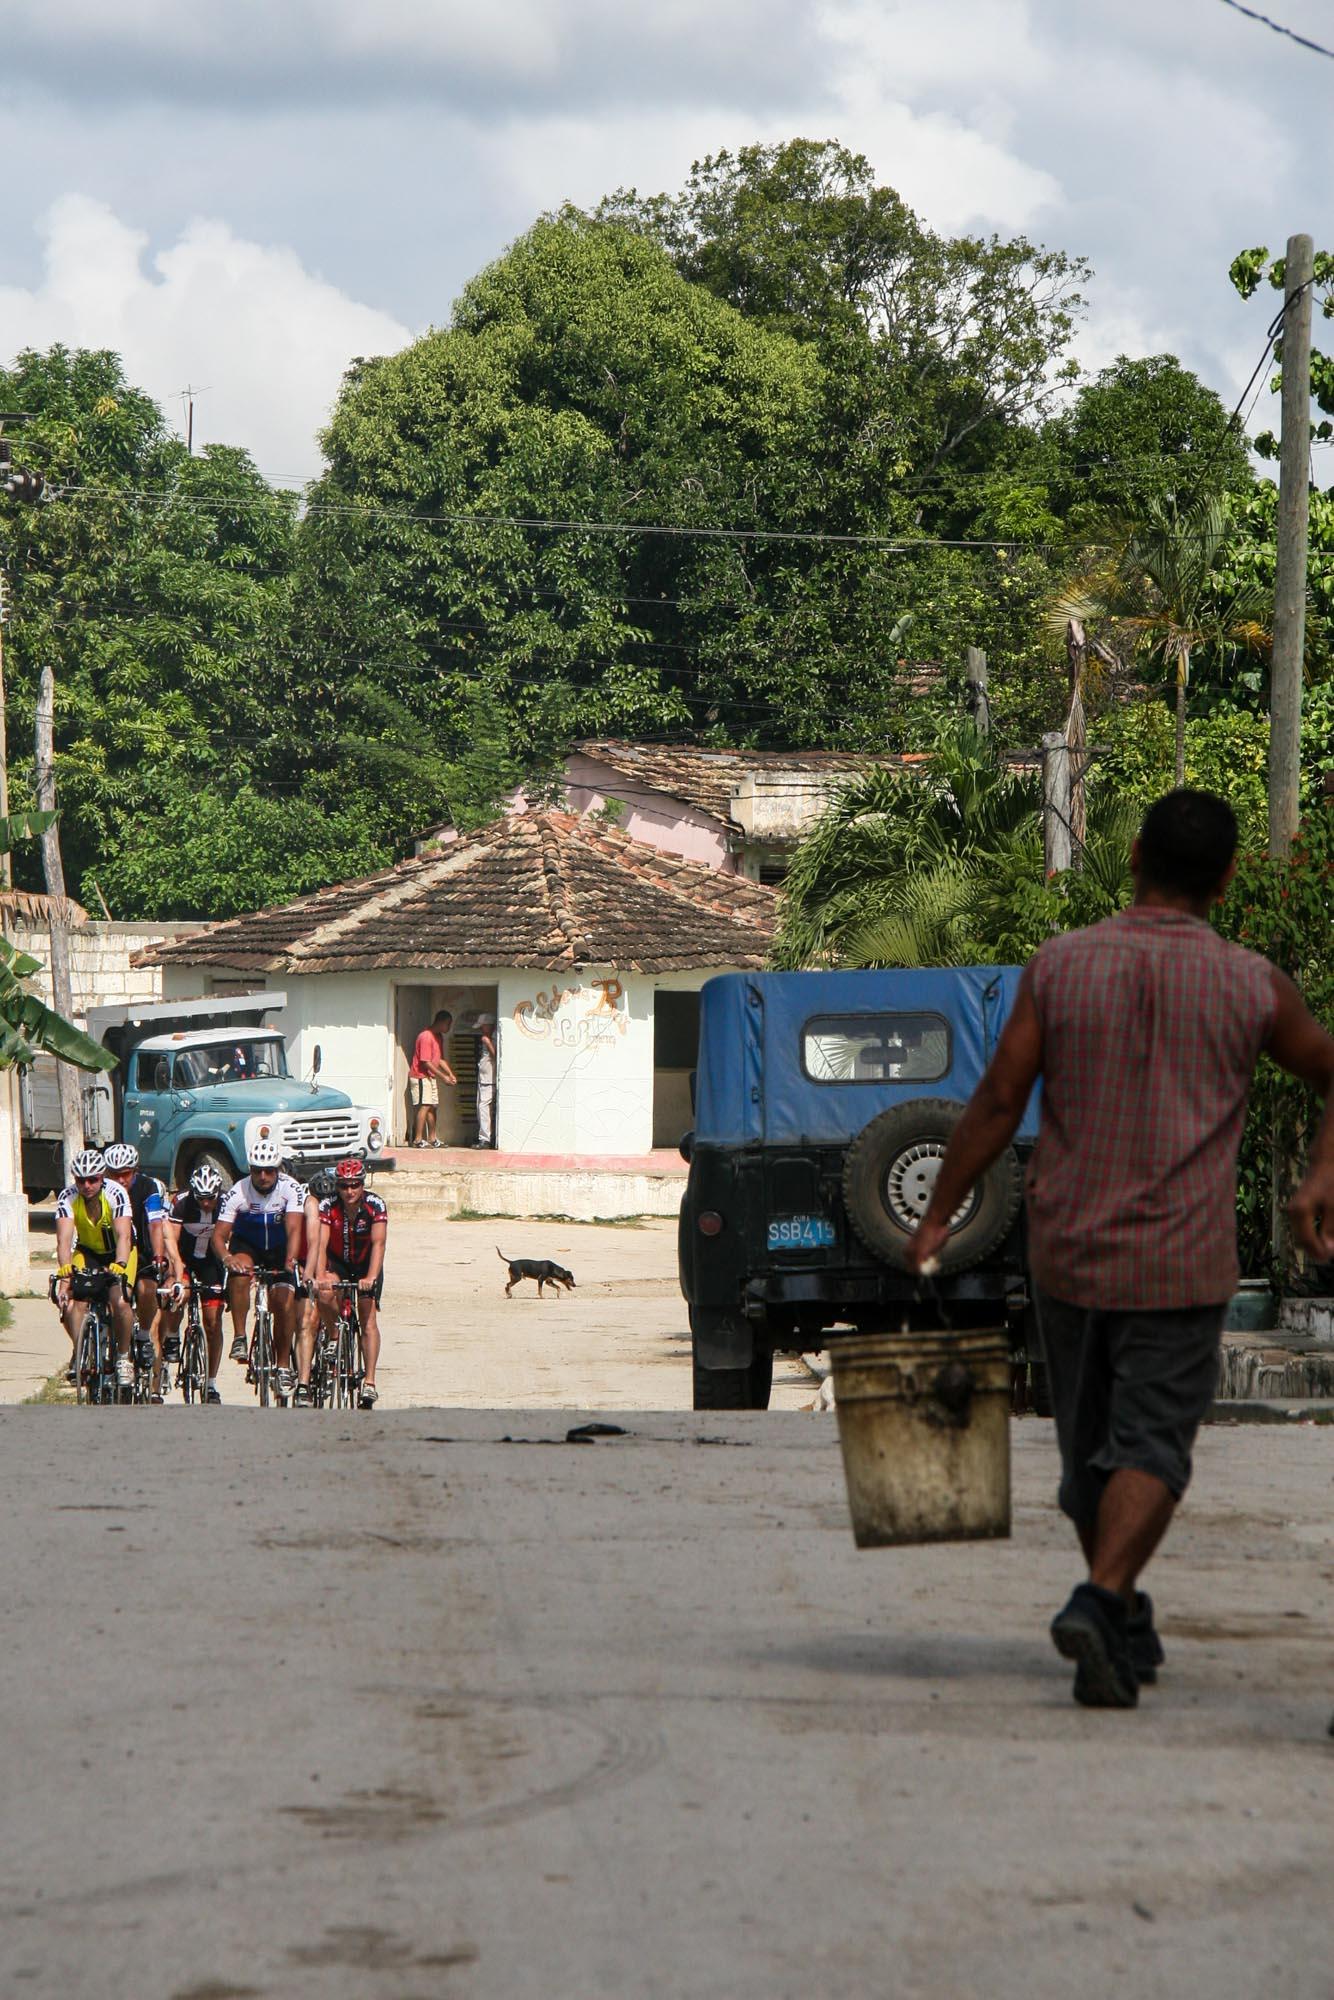 Ein Mann trägt einen Eimer durch eine Straße. Auf ihn fährt eine Gruppe Rennradfahrer zu.